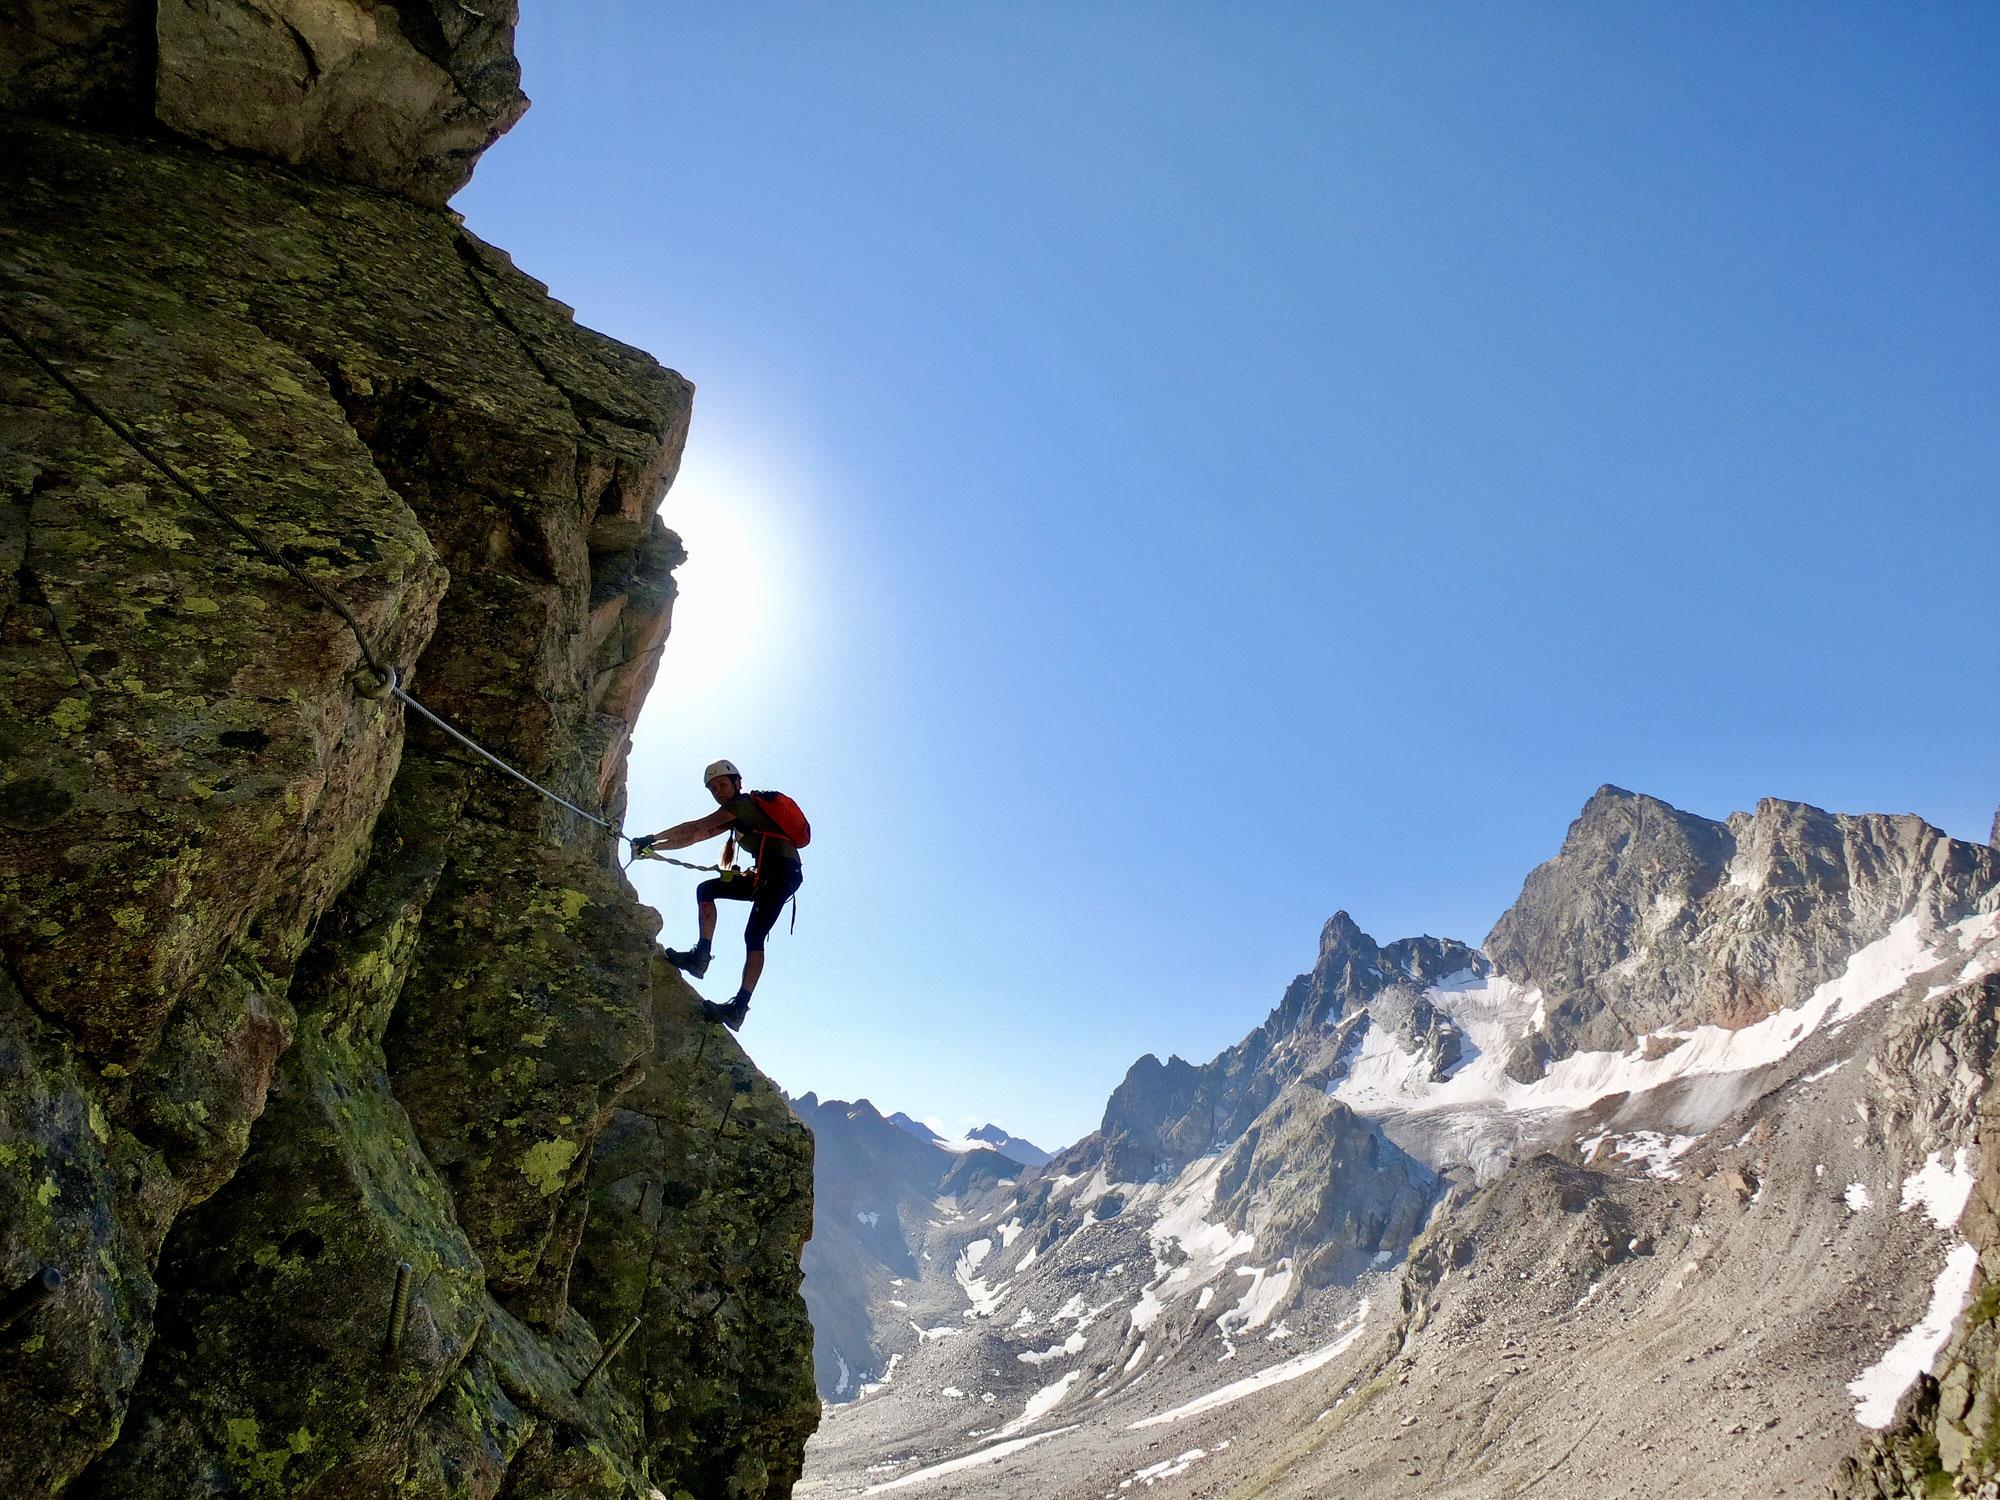 Auszeit in den Bergen!